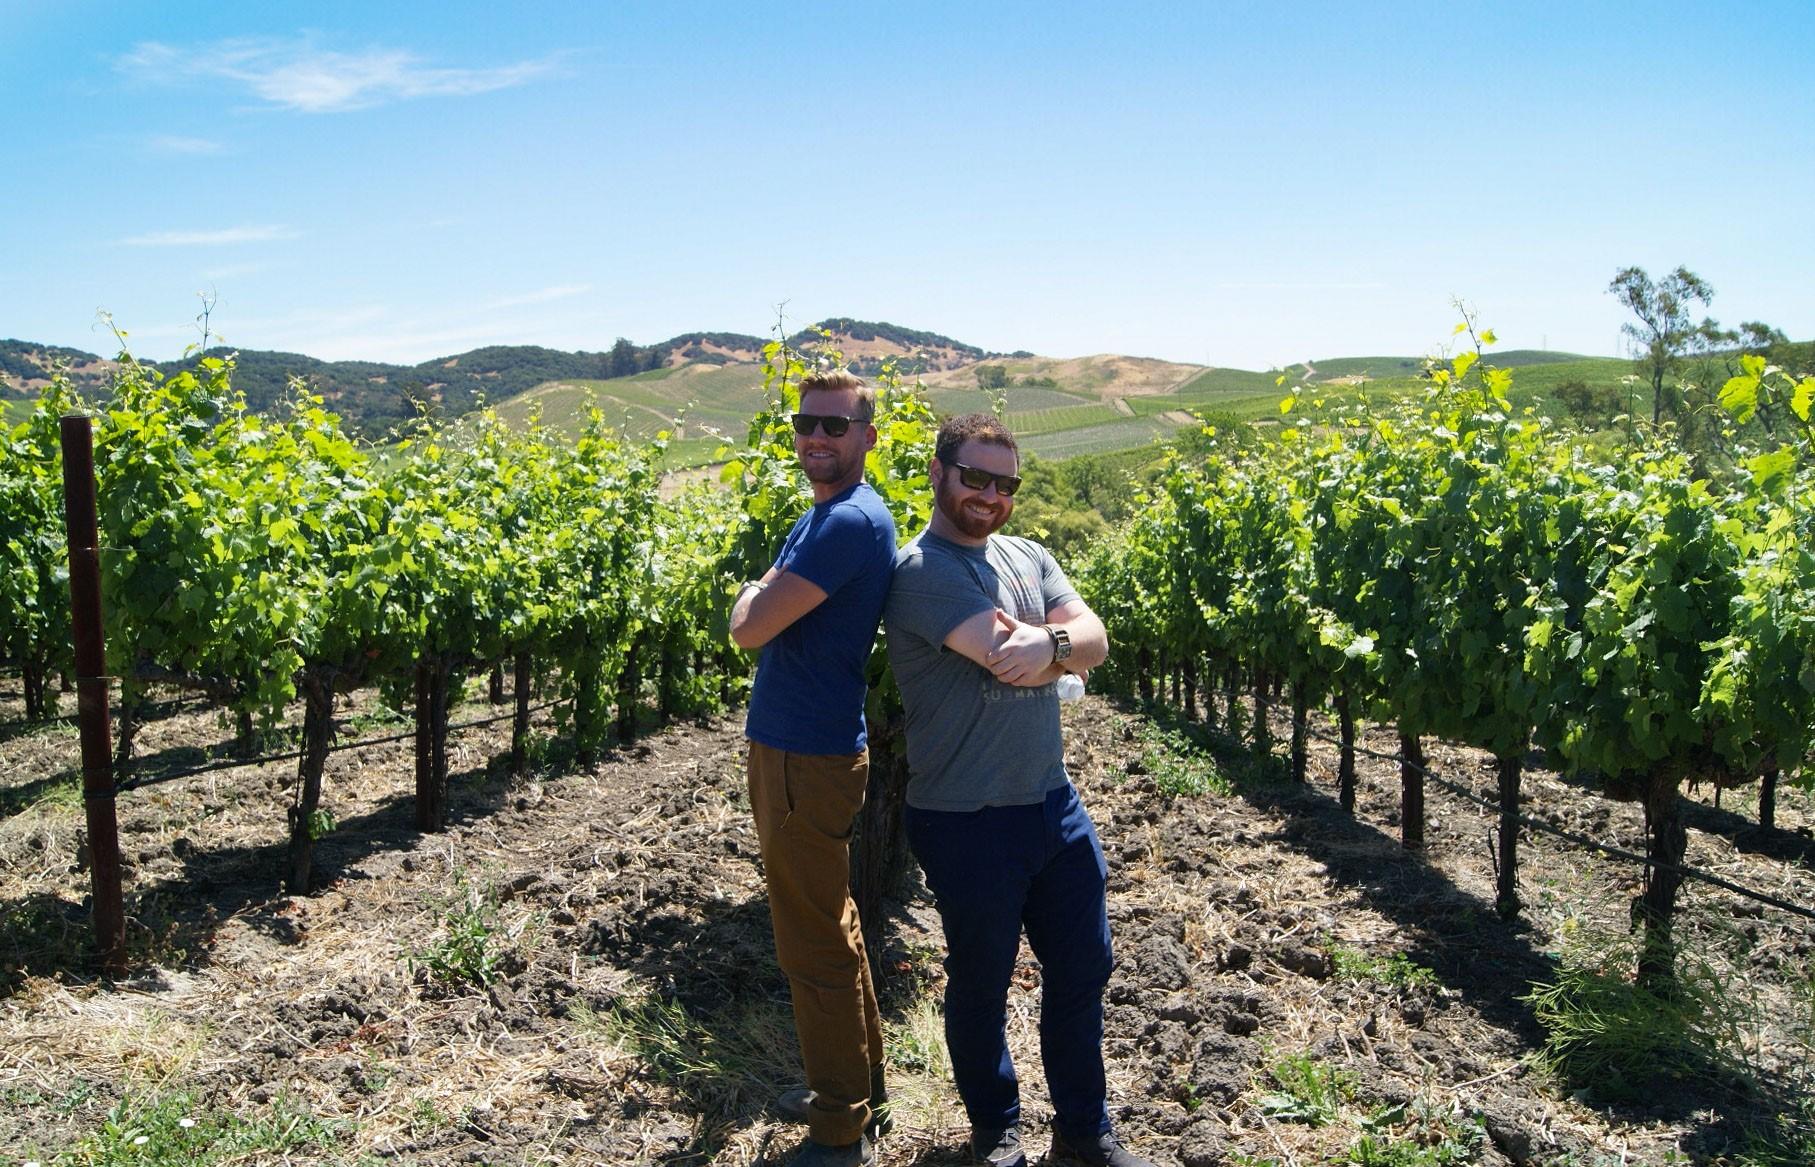 Matt and Ben in Las Madres Vineyard.